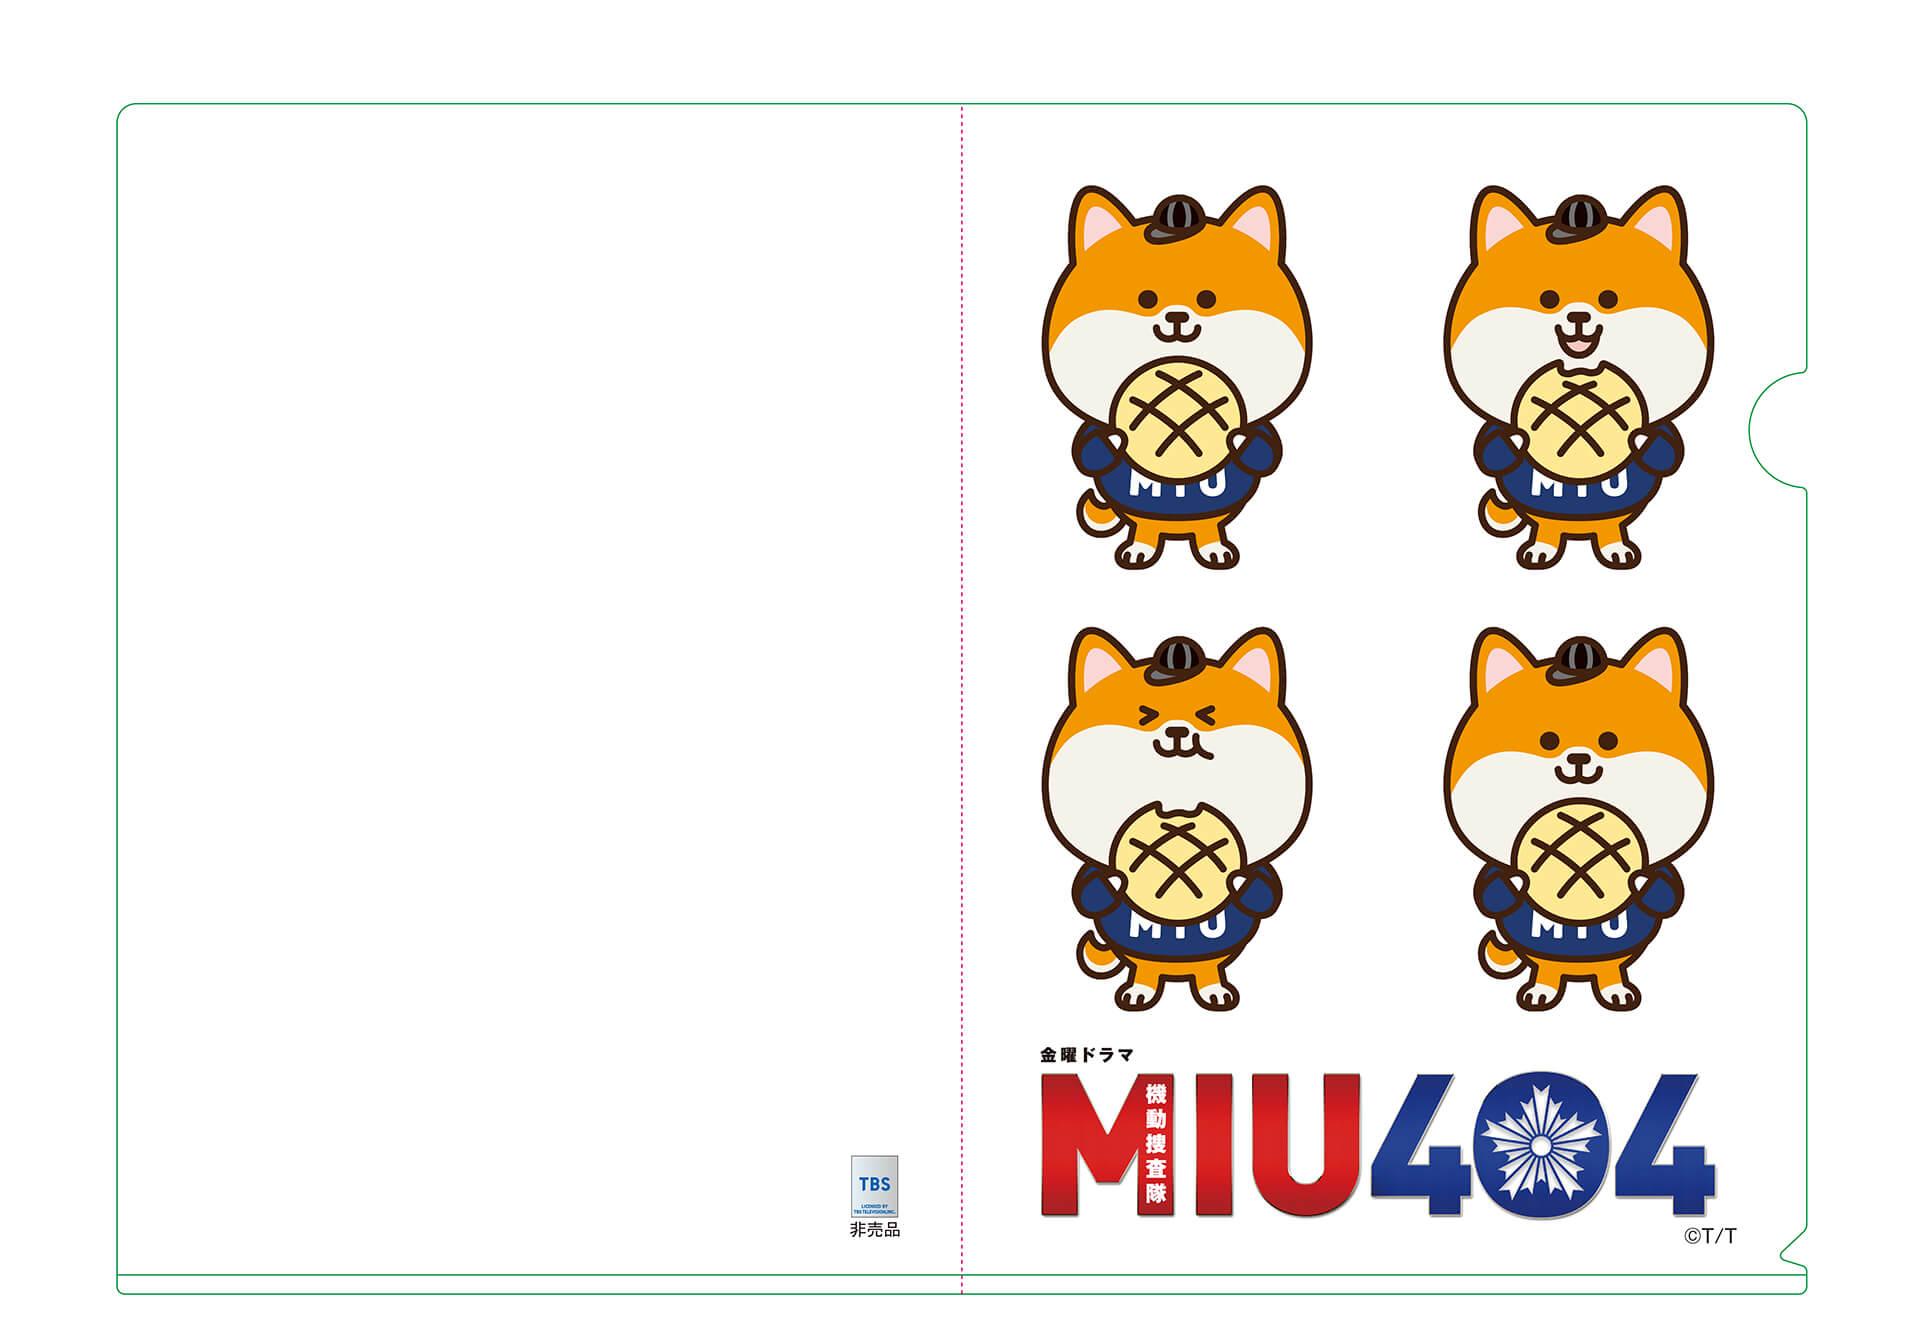 Melon de Melon 赤坂サカス MIU404コラボ限定セット